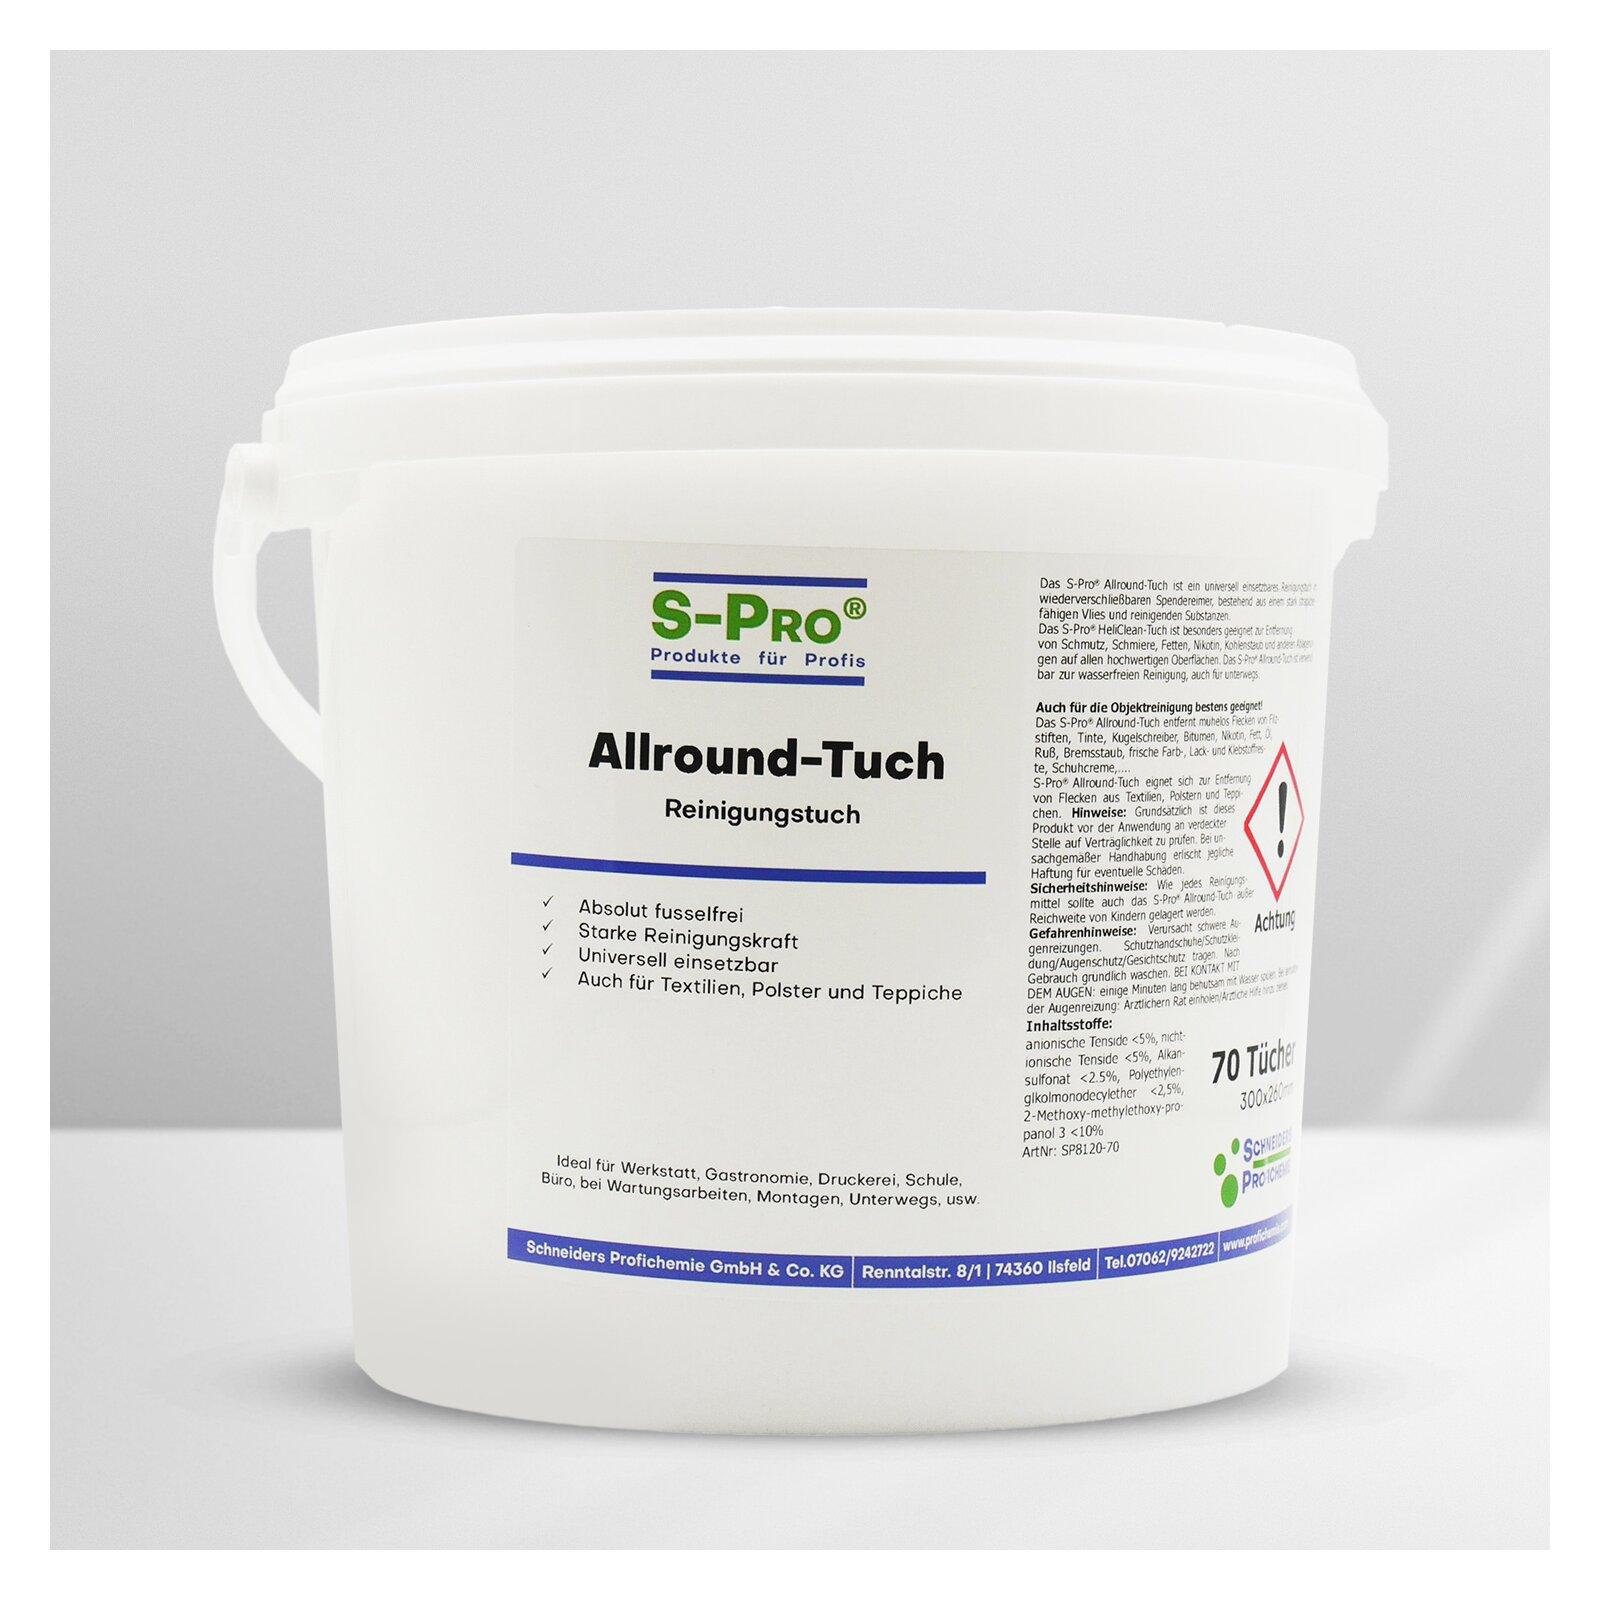 SPro(R) AllroundTuch universell einsetzbares Reinigungstuch